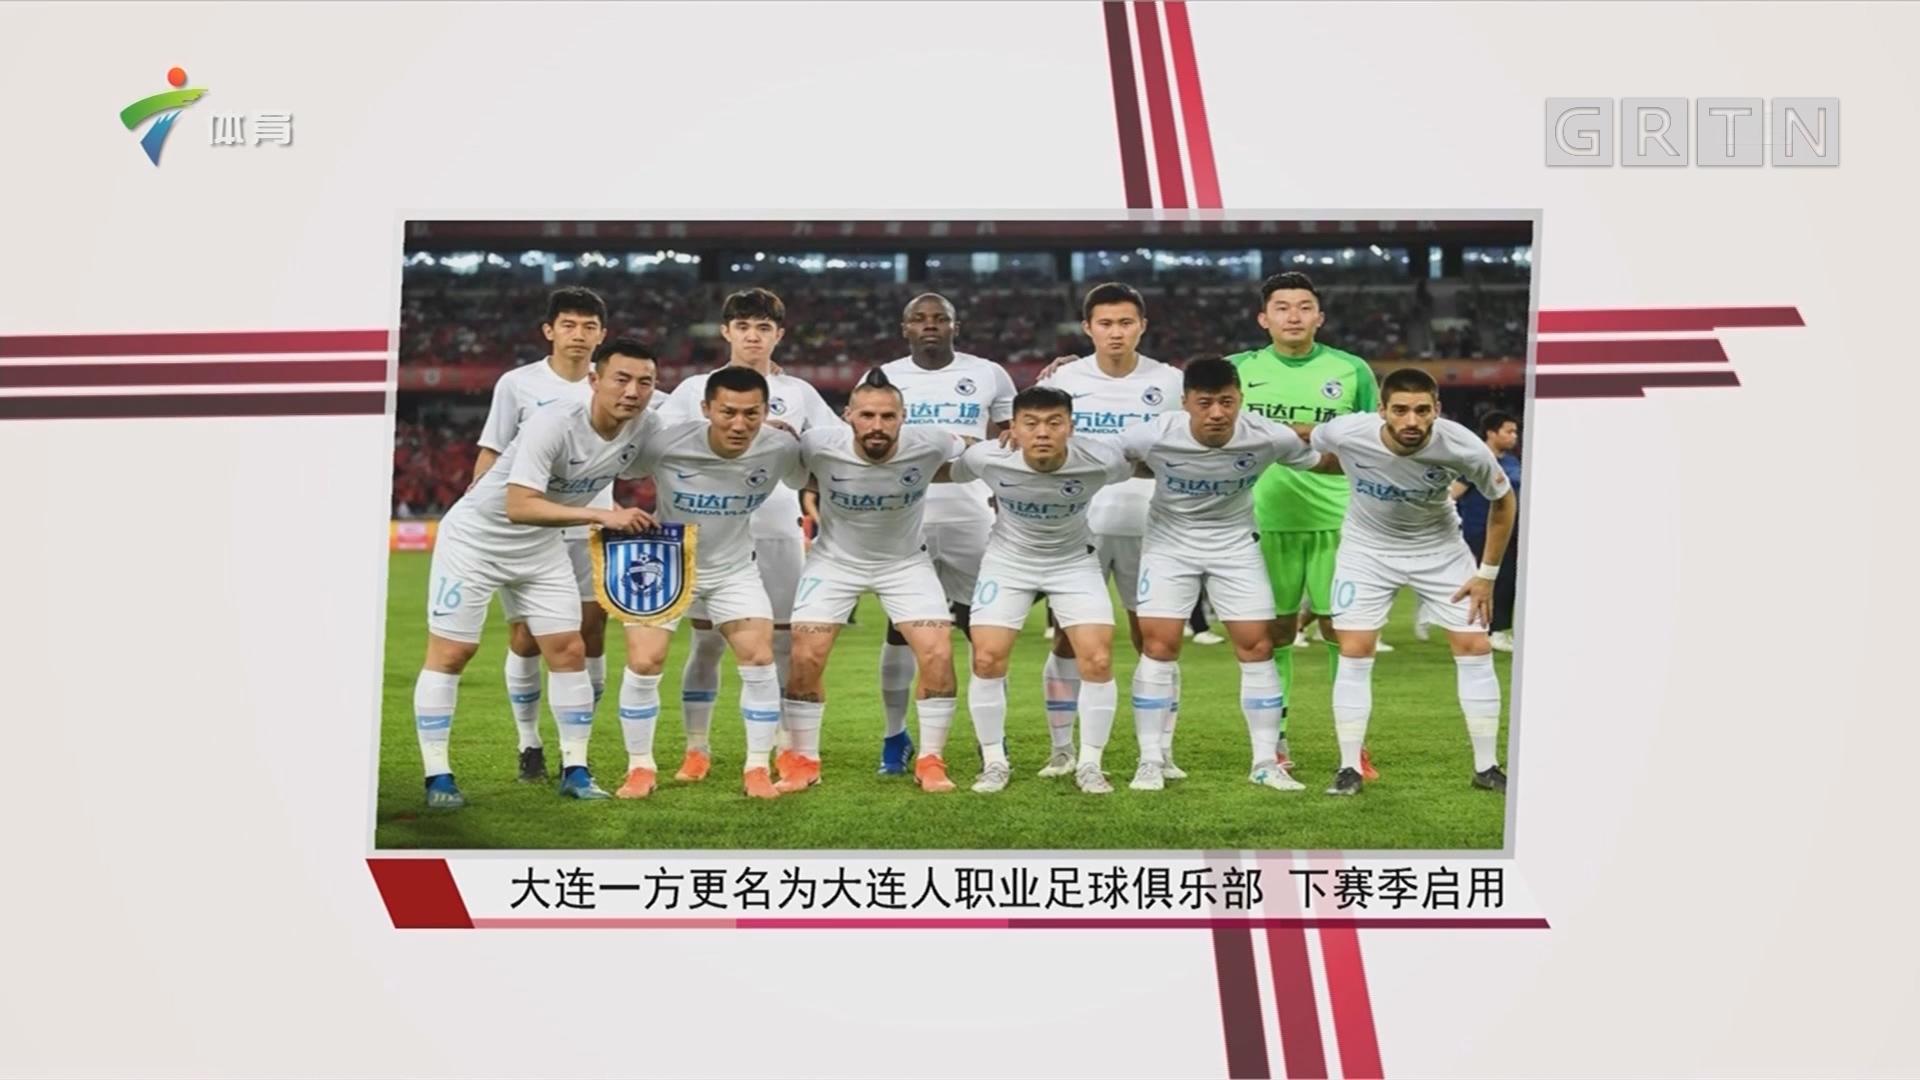 大连一方更名为大连人职业足球俱乐部 下赛季启用